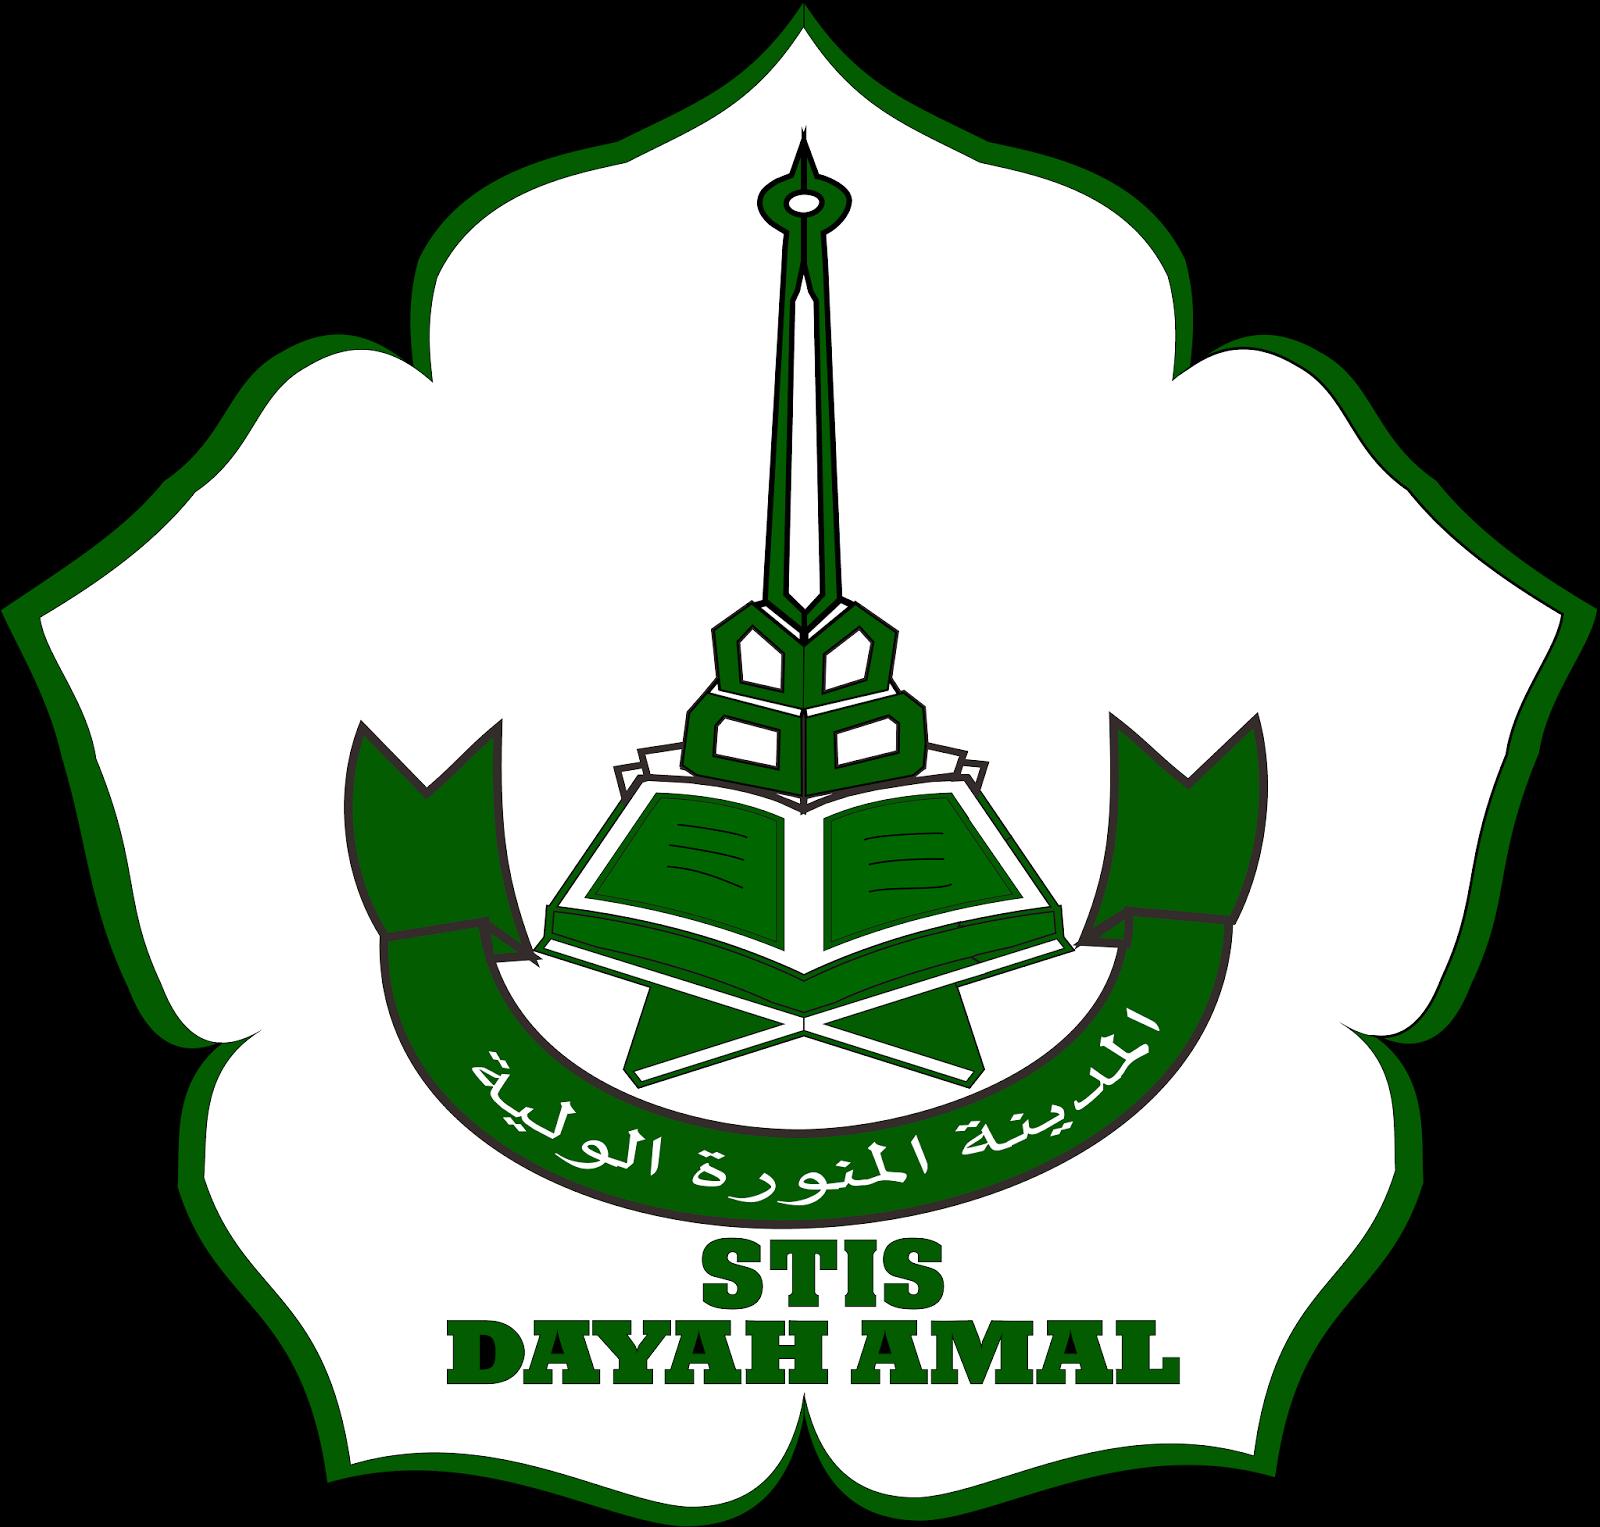 logo stis dayah amal aceh timur